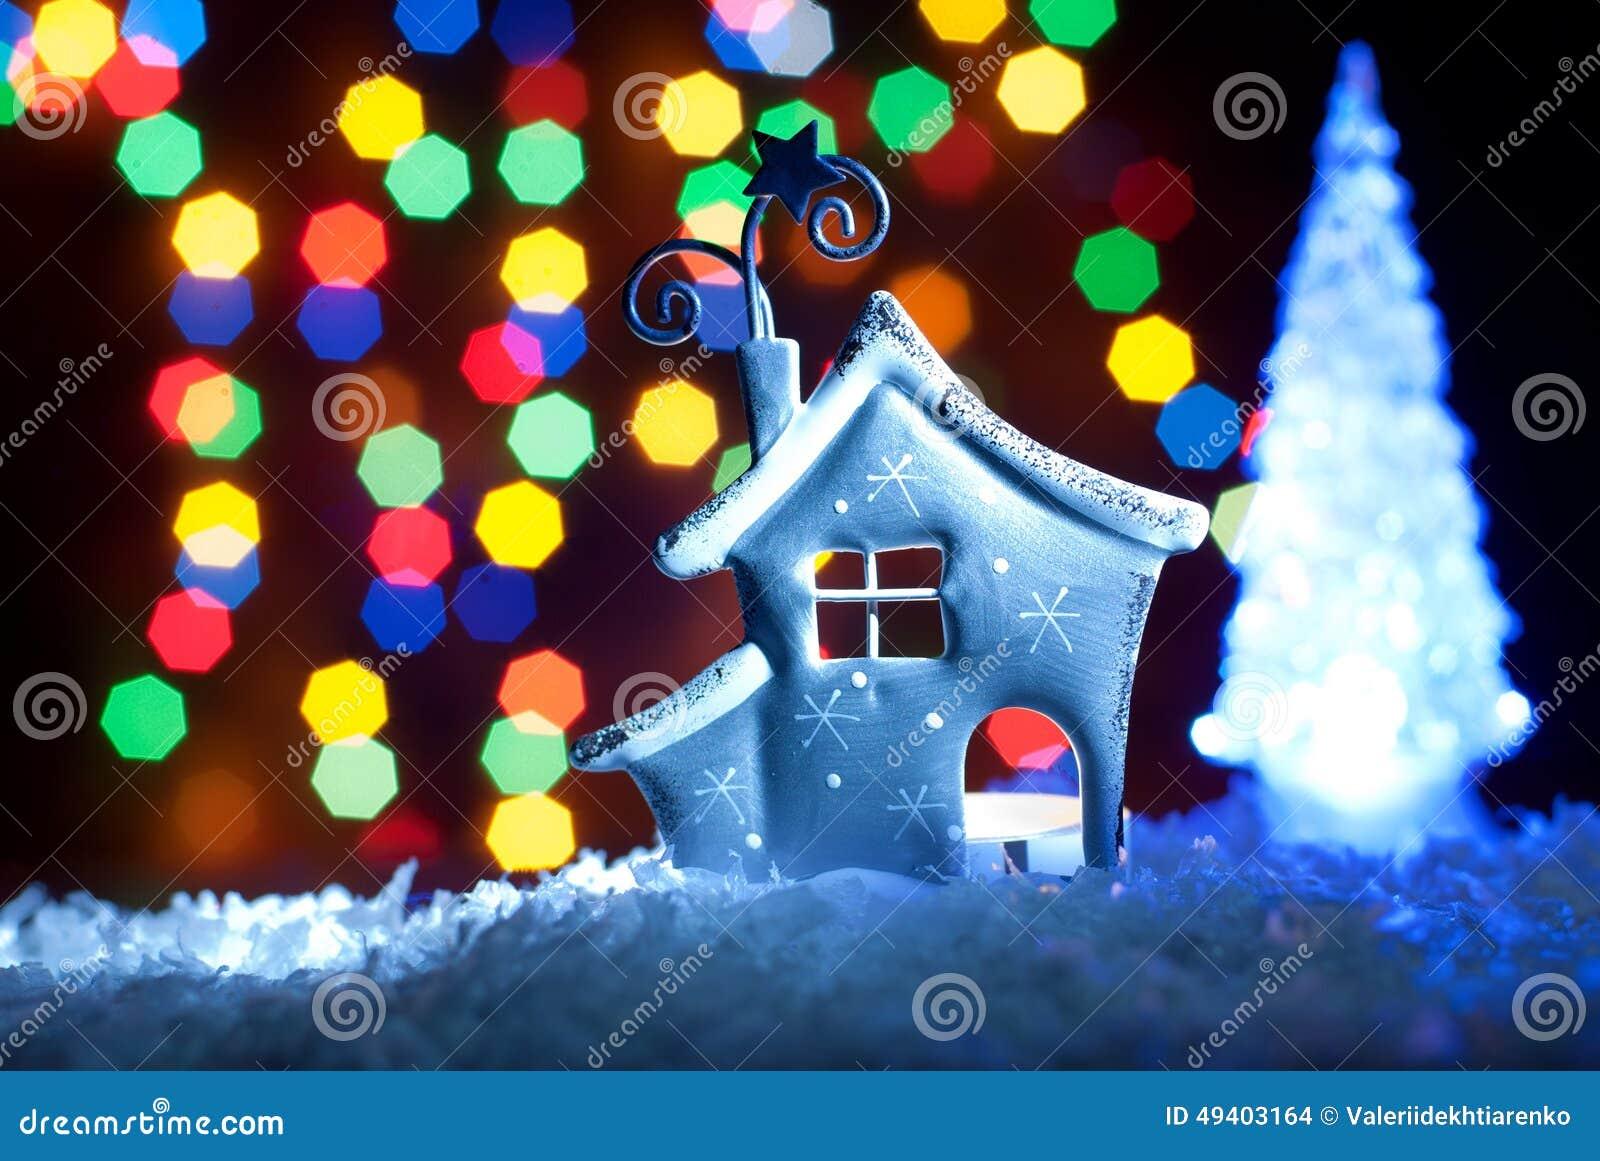 Download Romantisches Haus Mit Einer Weihnachtsbeleuchtung Stockfoto - Bild von nave, hütte: 49403164